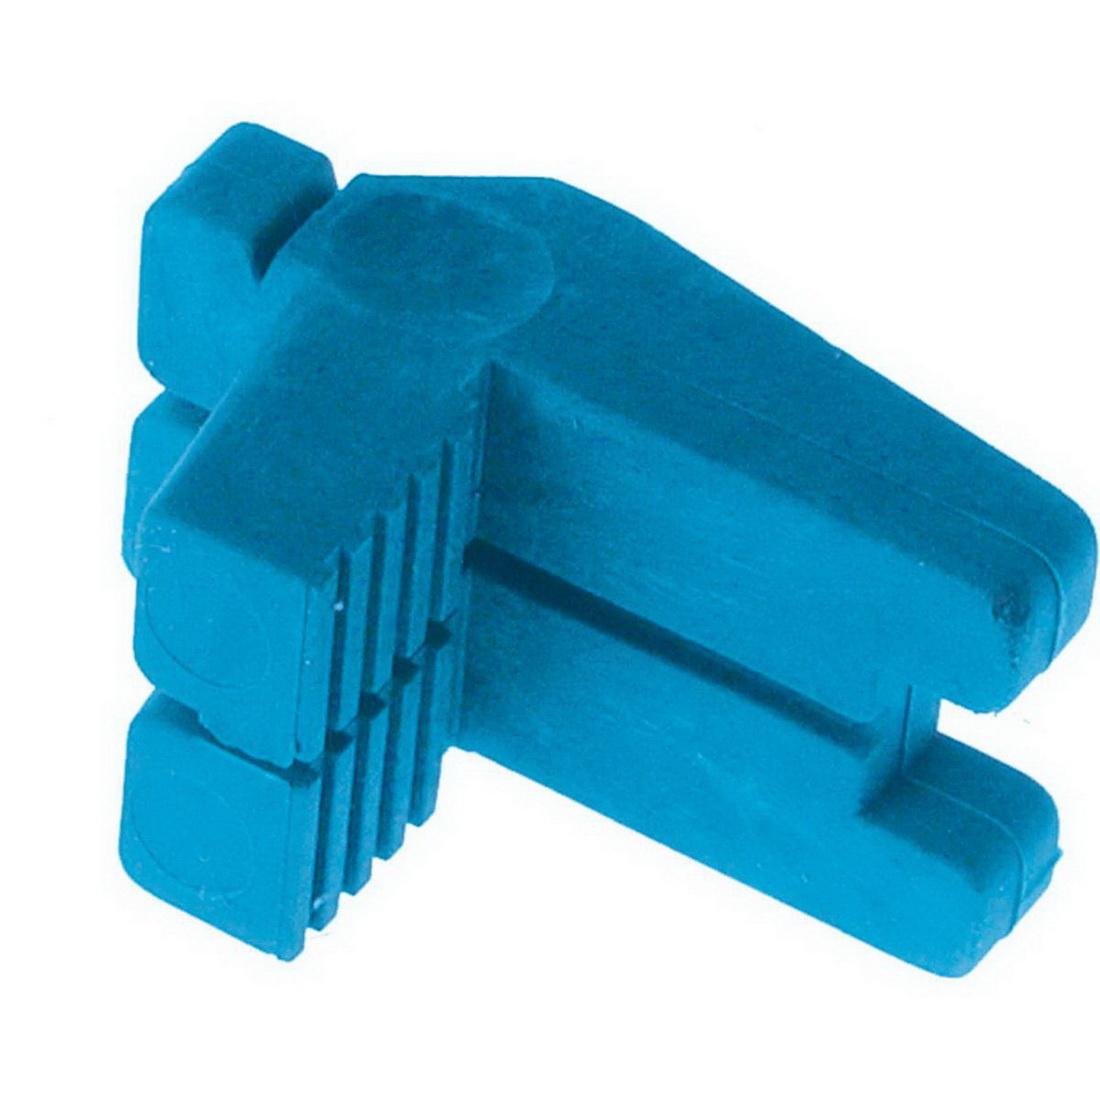 Professional Rubber Line Block Rubberised Duragrip